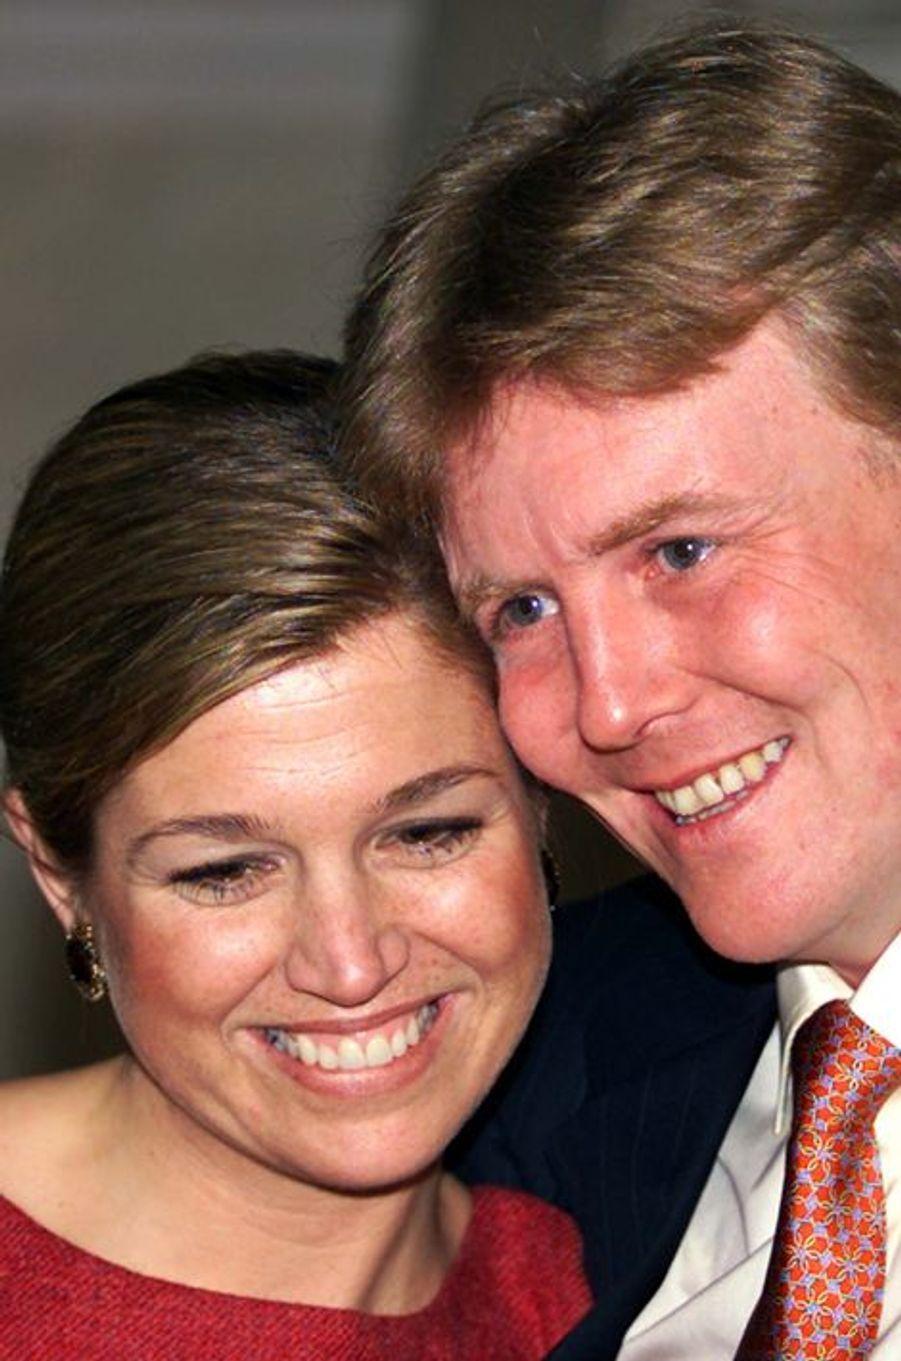 Le prince Willem-Alexander des Pays-Bas et Maxima Zorreguieta, le 30 mars 2001